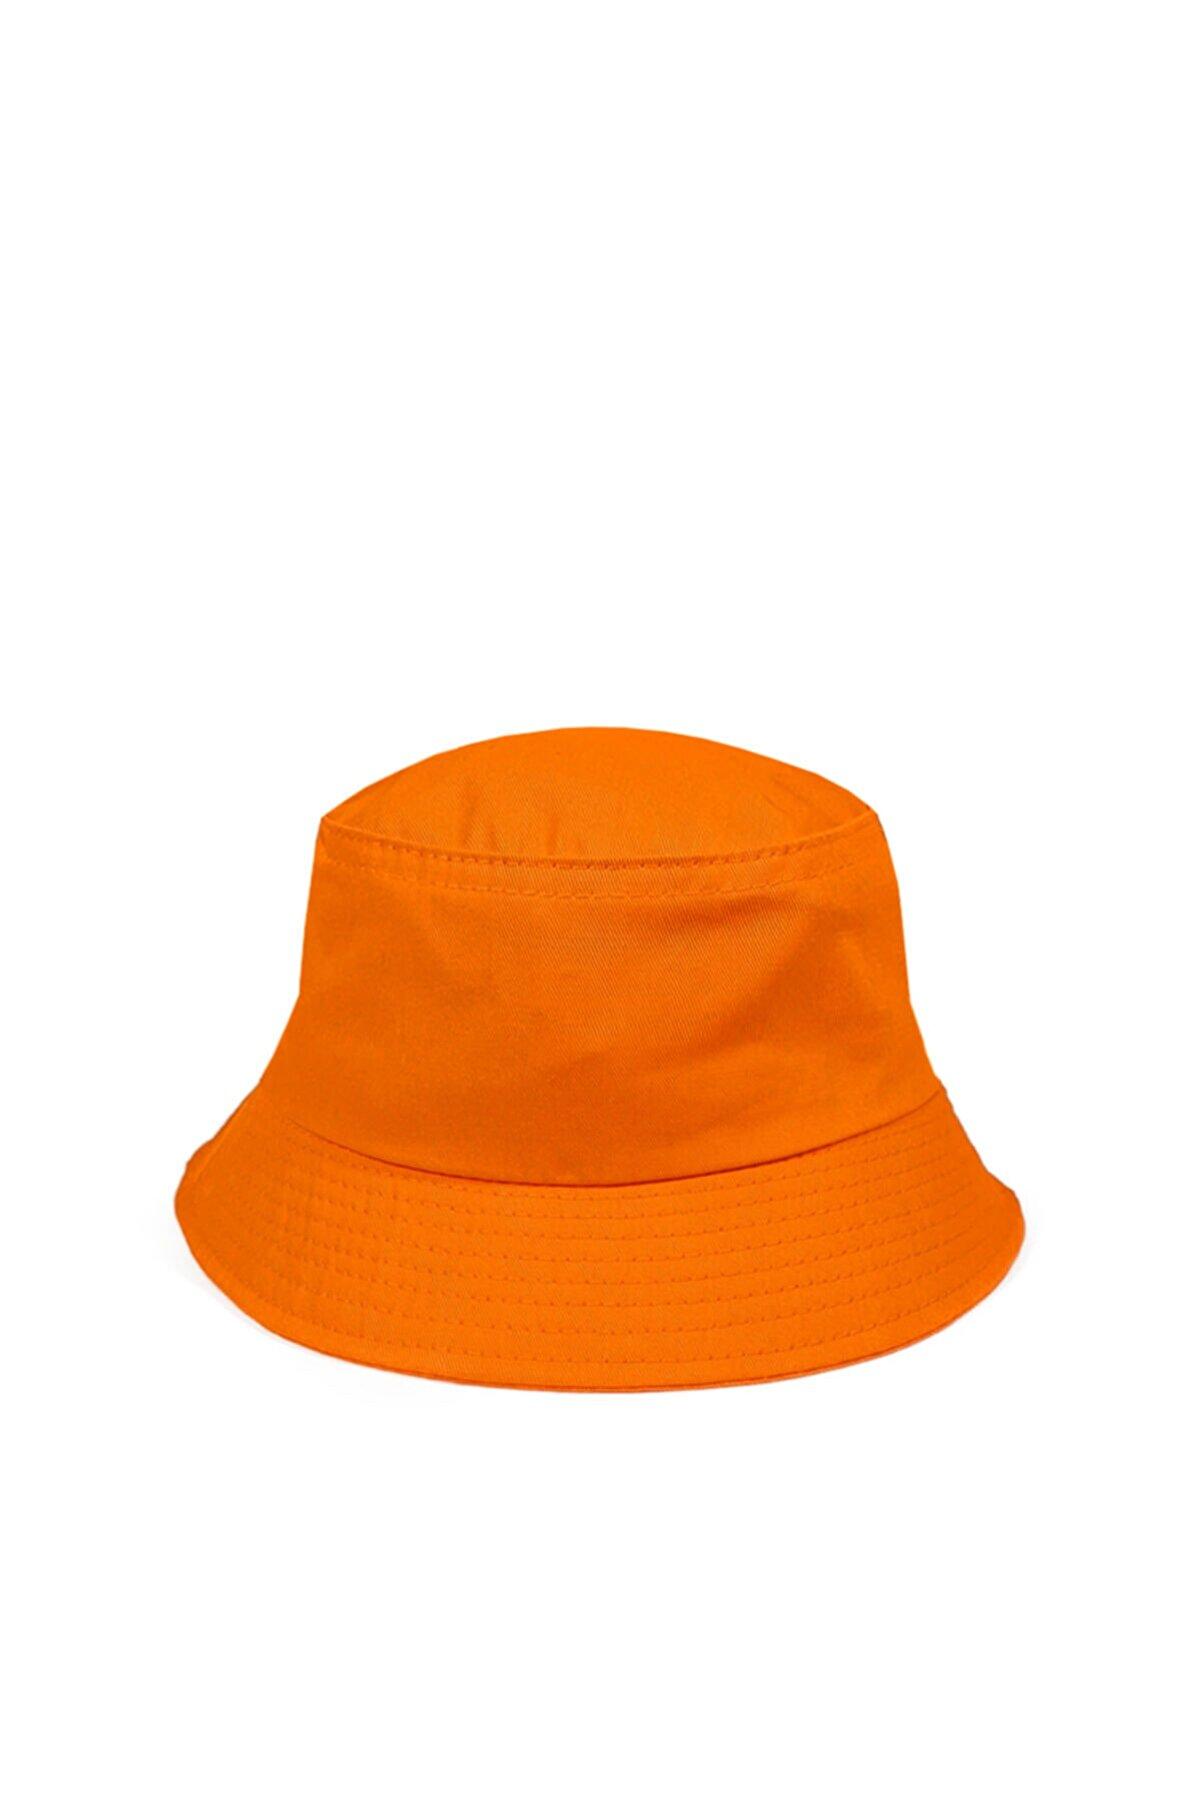 Güce Unisex Turuncu Balıkçı Bucket Şapka Gc013903